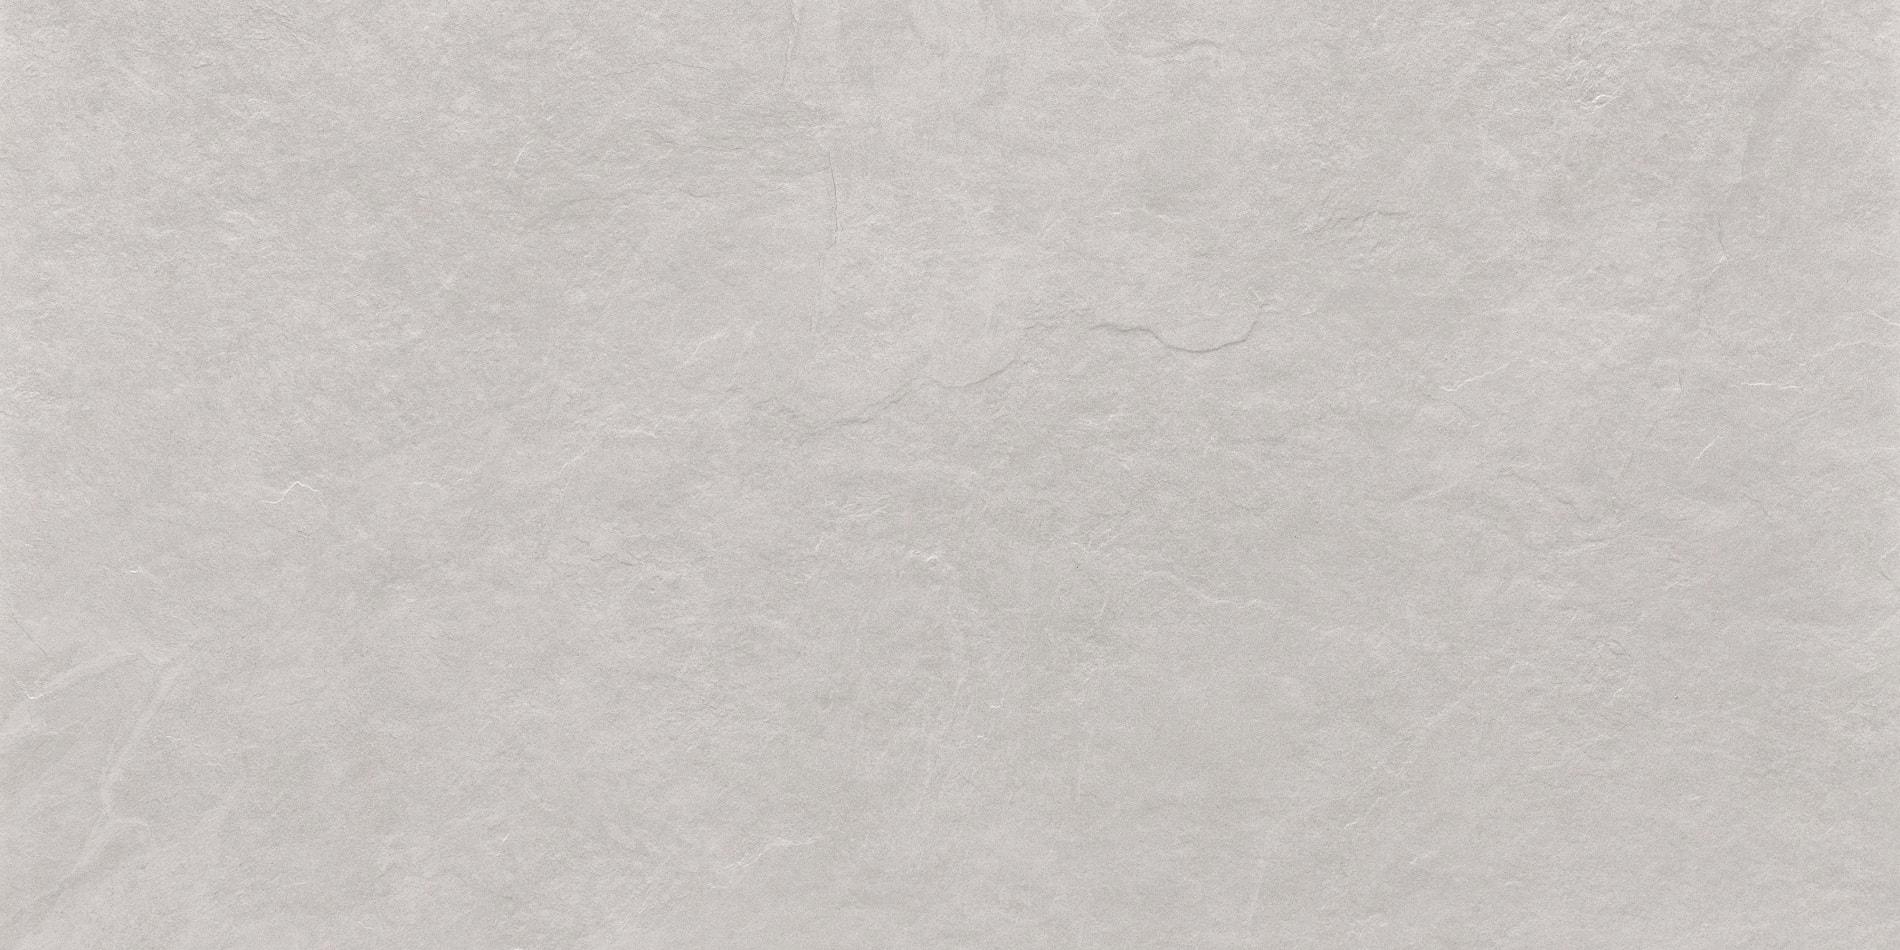 Zdjęcie Płytka podłogowa Ceramika Limone Ash White 60x120cm